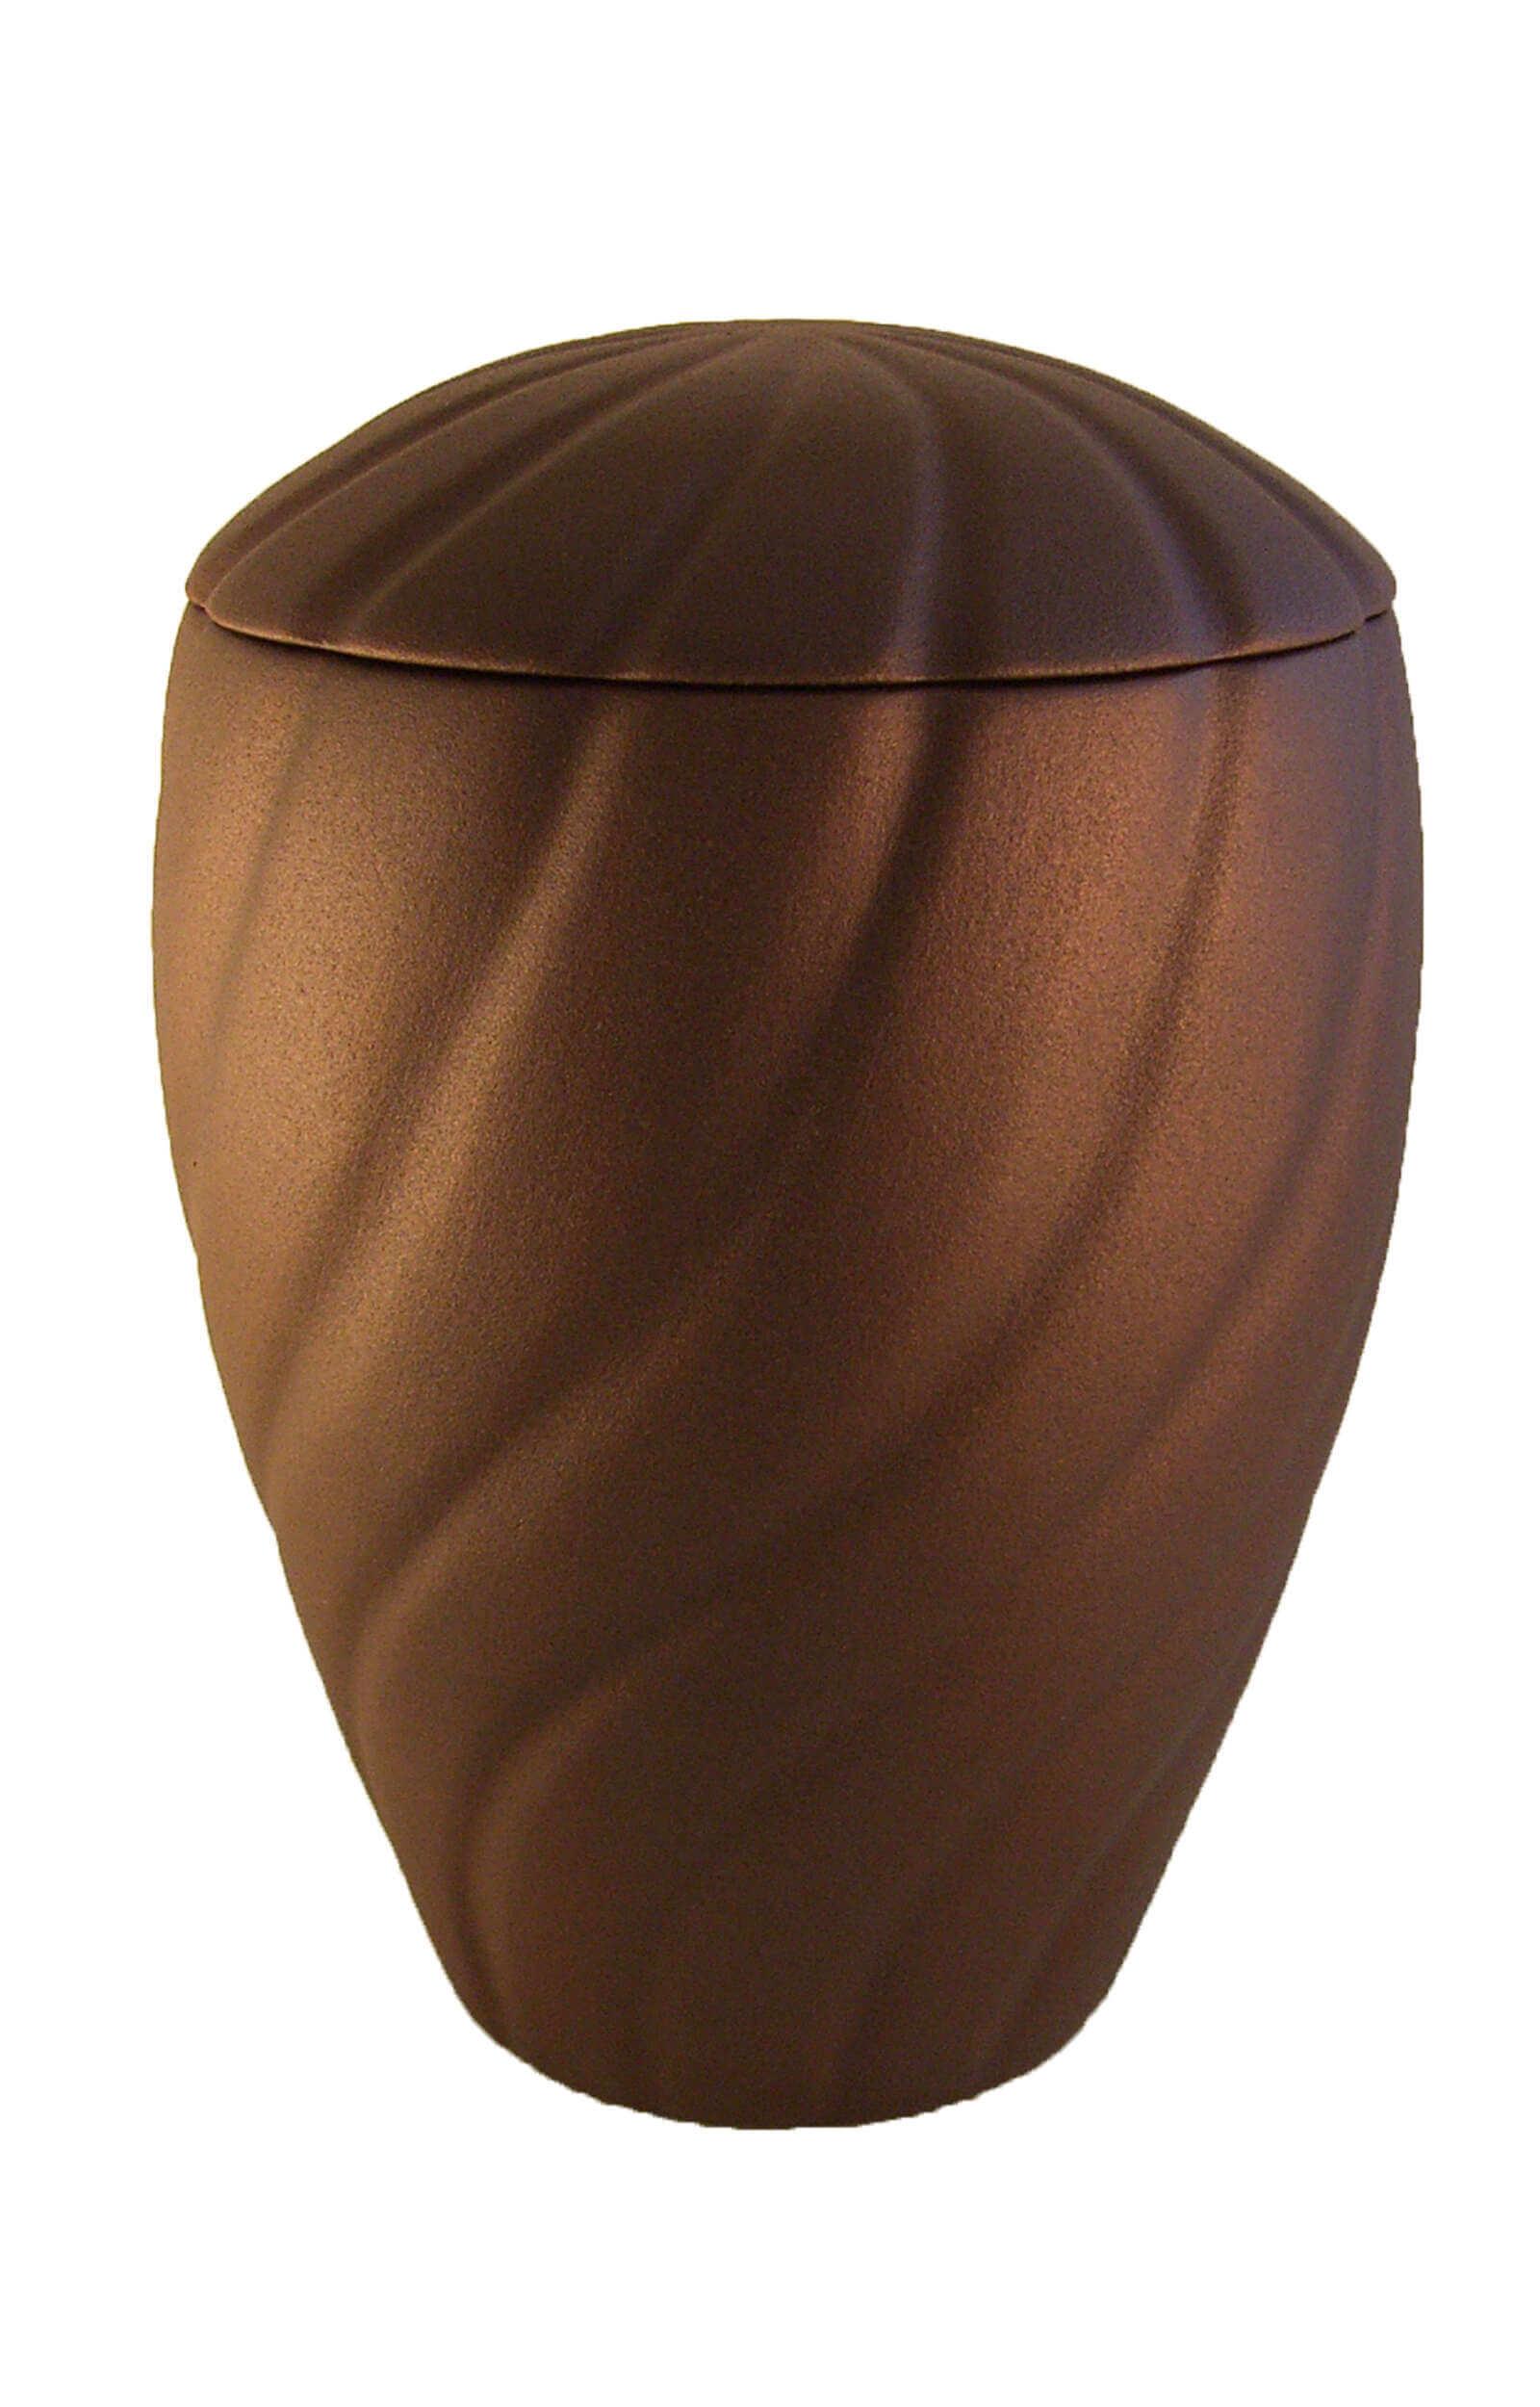 en K01 ceramic urn wave gold brown funeral urns for human ashes